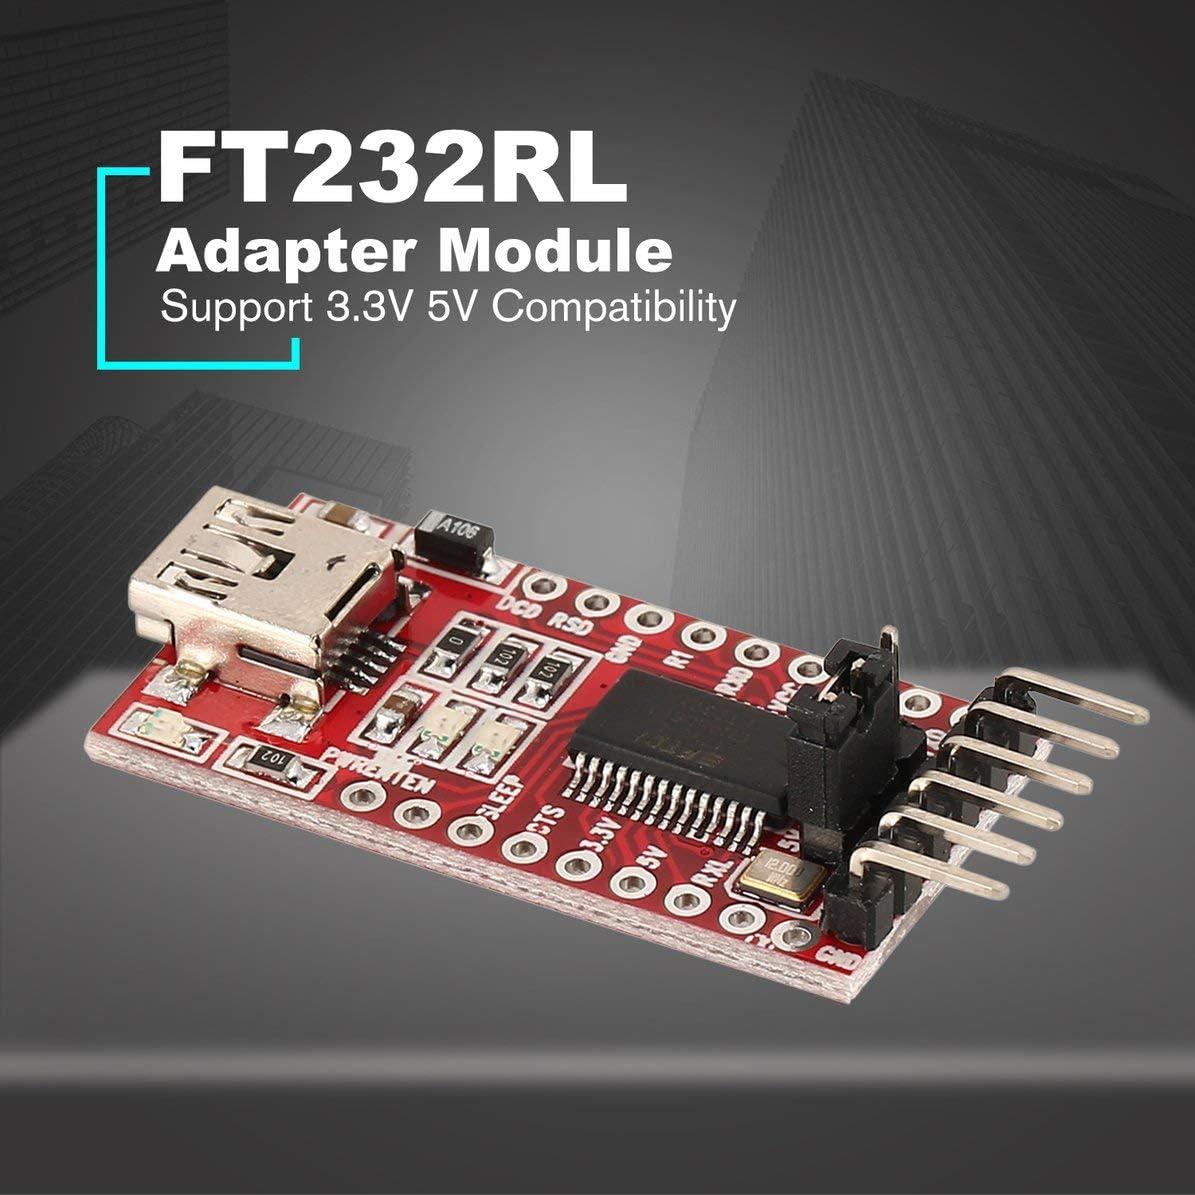 FT232RL FTDI USB 2.0 to TTL Serial Adapter Module for Arduino Mini Port 3.3V 5V